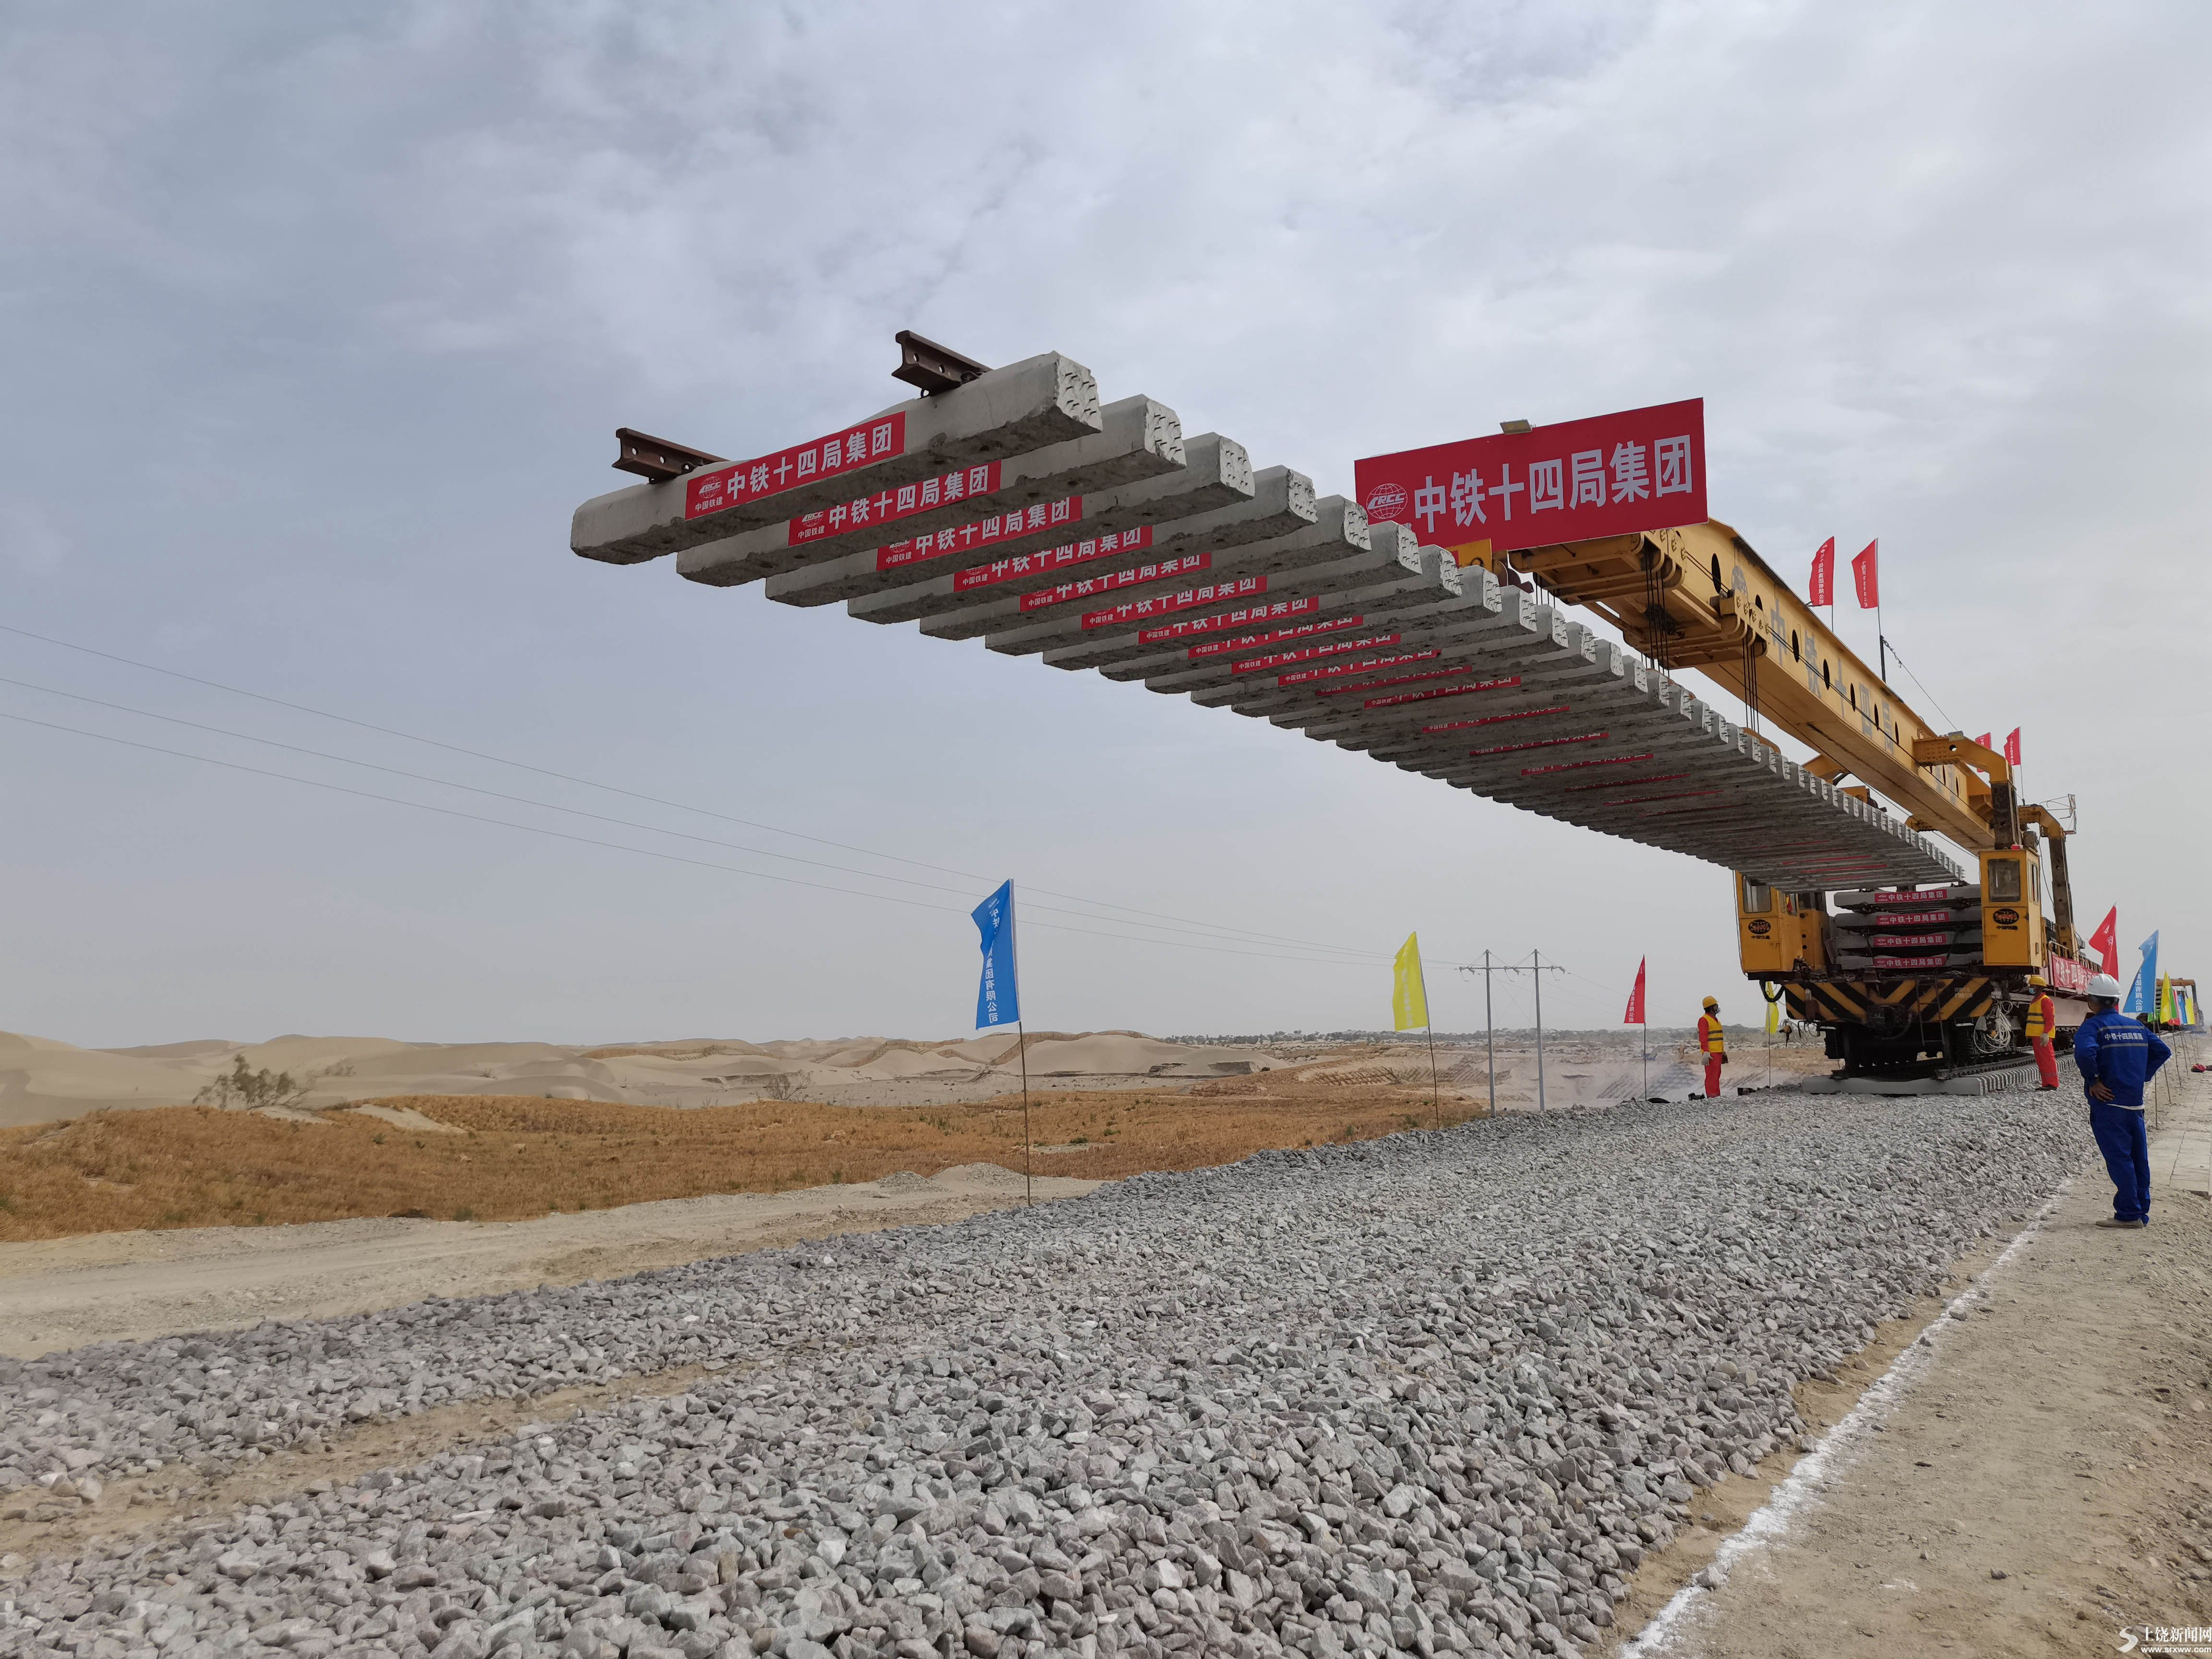 新疆和若铁路工程进入塔克拉玛干沙漠区段铺轨